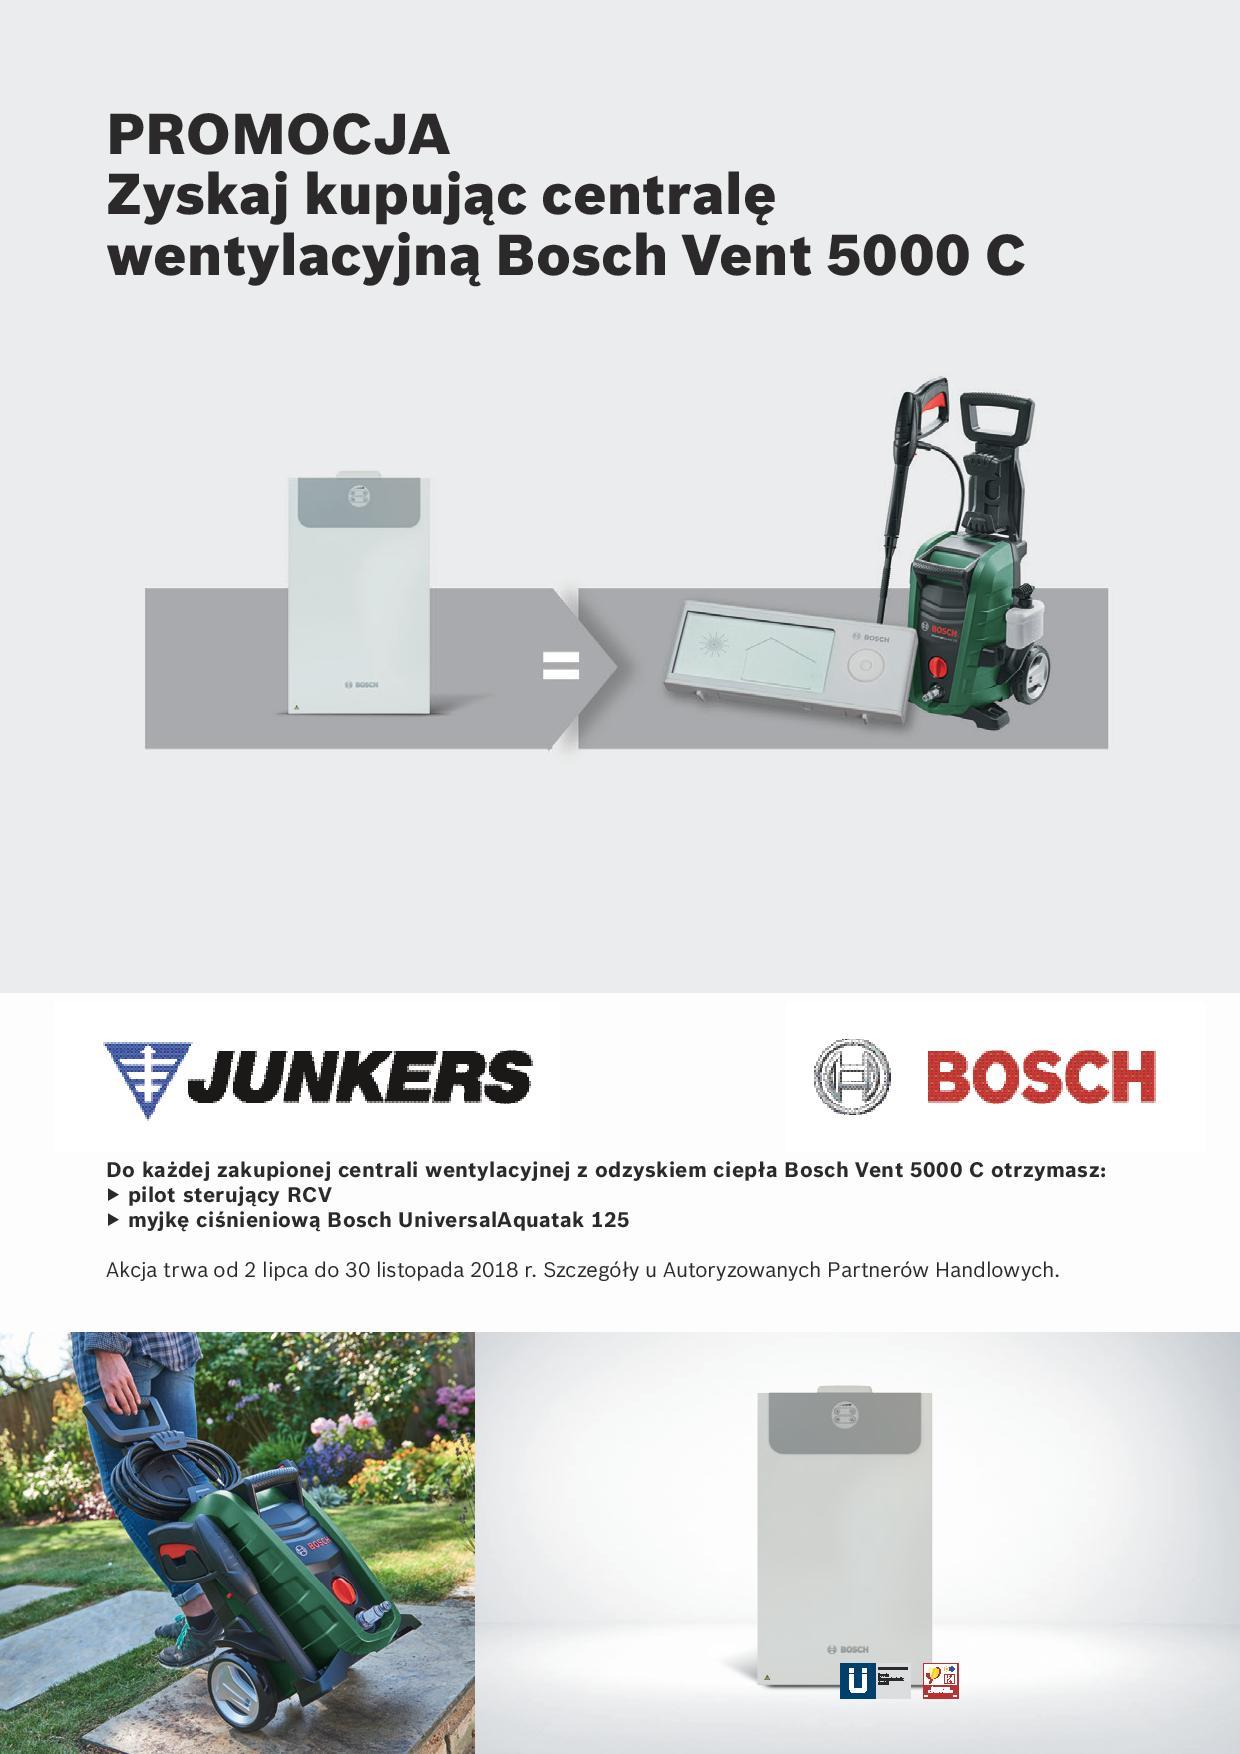 JUNKERS-BOSCH - promocja centrala wentylacyjna z odzyskiem ciepła